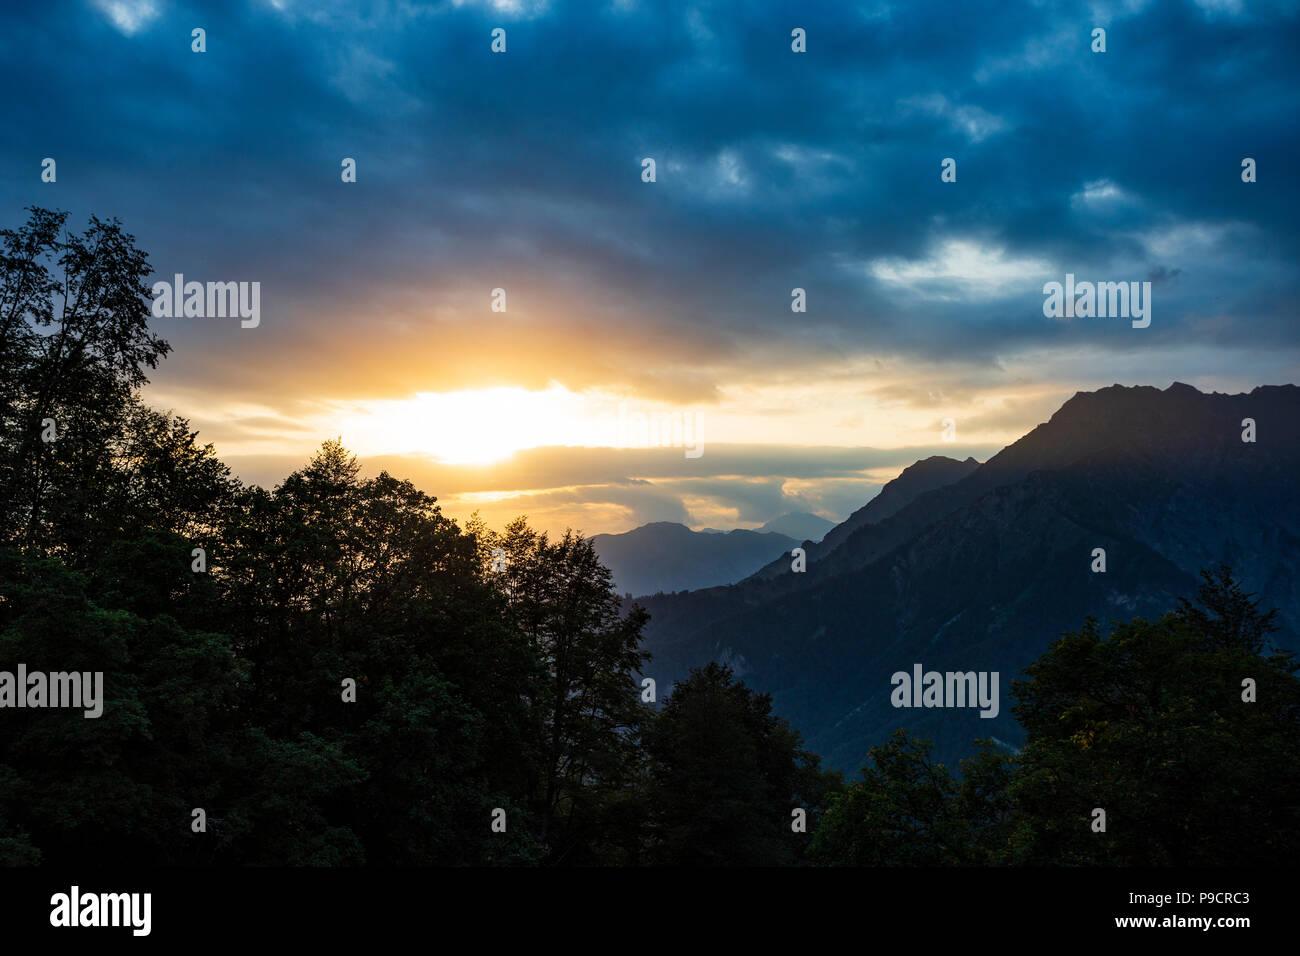 Mountains, forest, Azerbaijan Stock Photo